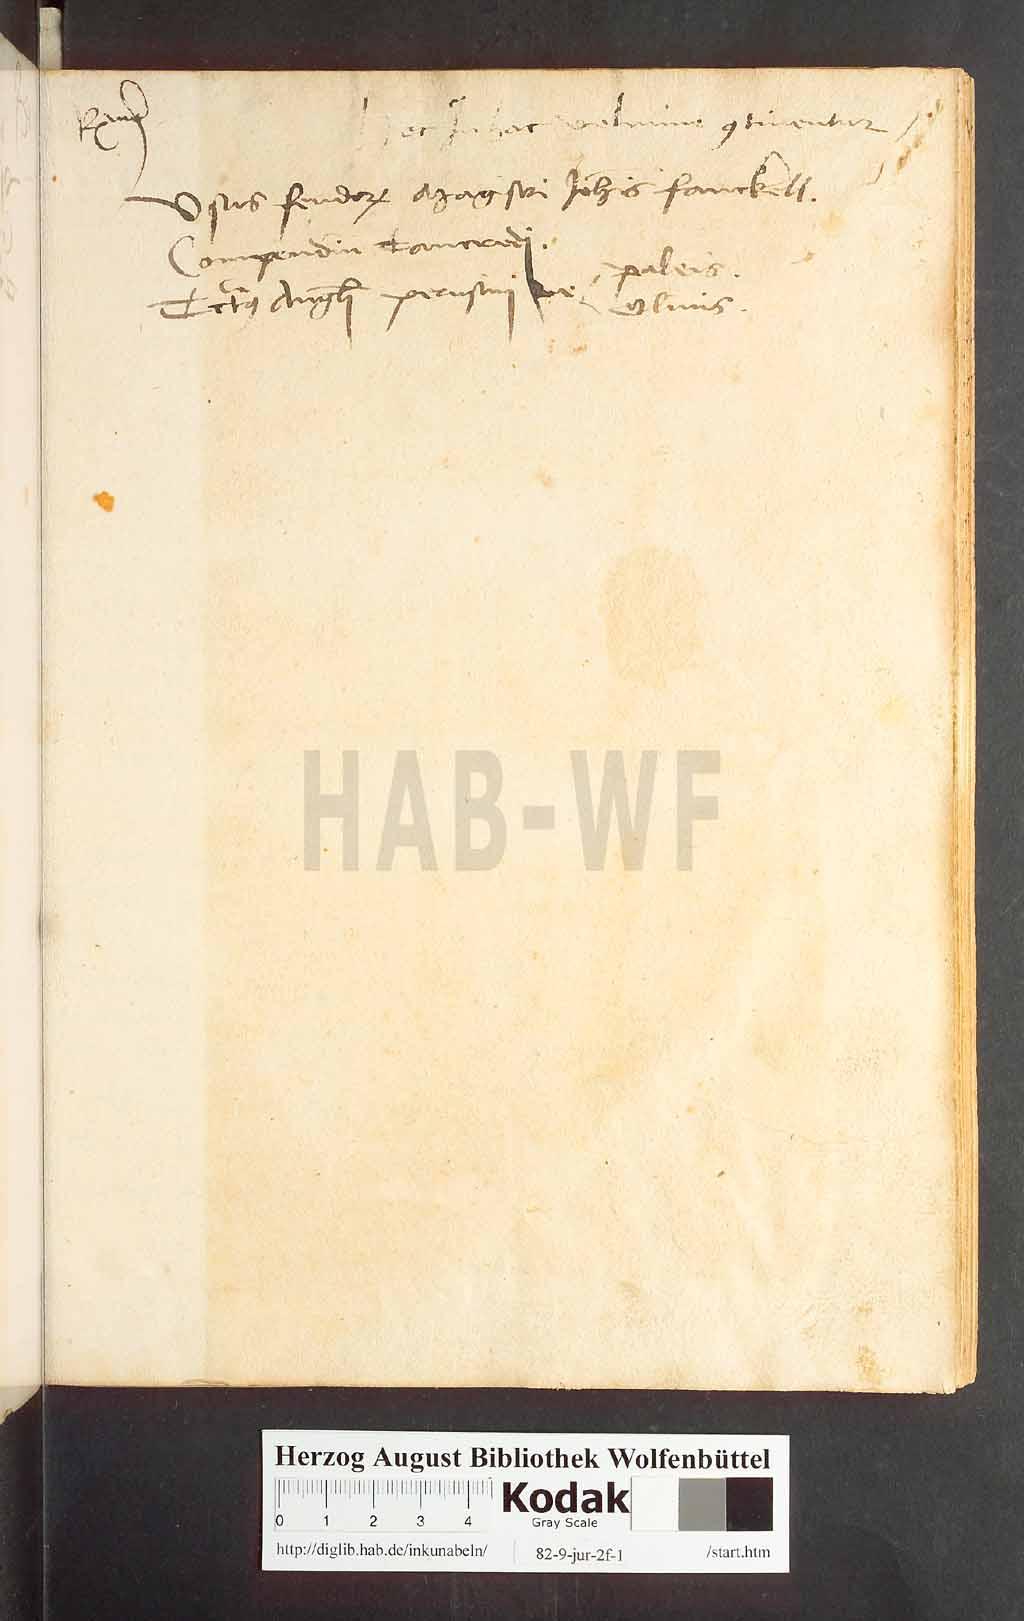 http://diglib.hab.de/inkunabeln/82-9-jur-2f-1/00001.jpg